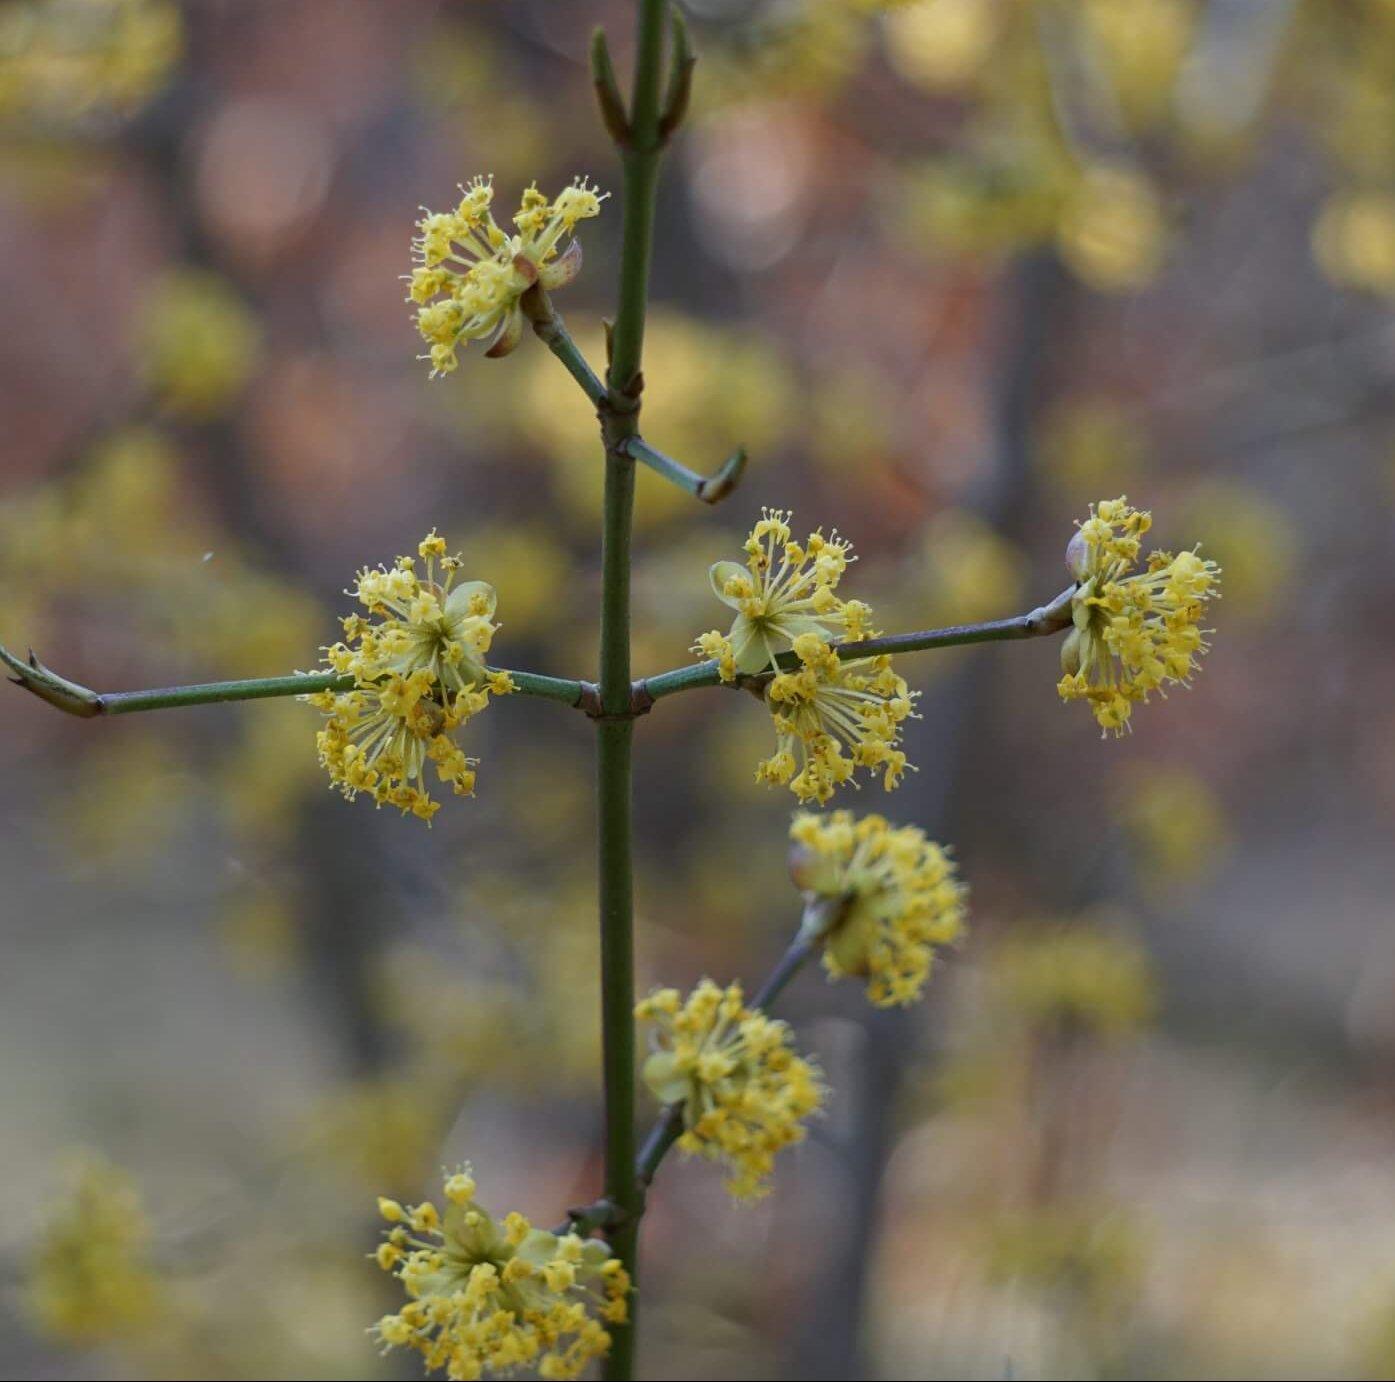 Das Bild zeigt die Blütenstände der Kornelkirsche, bestehend aus doldenartig angeordneten Einzelblüten, wie hier im Stadium kurz nach der Blüte gut zu sehen ist. Hier entwickeln sich aus den Fruchtknoten dann die kirschenähnlichen Steinfrüchte. Stadium Ende März 2020 an einem Strauch bei den Seddinbergen im Müggelwald.